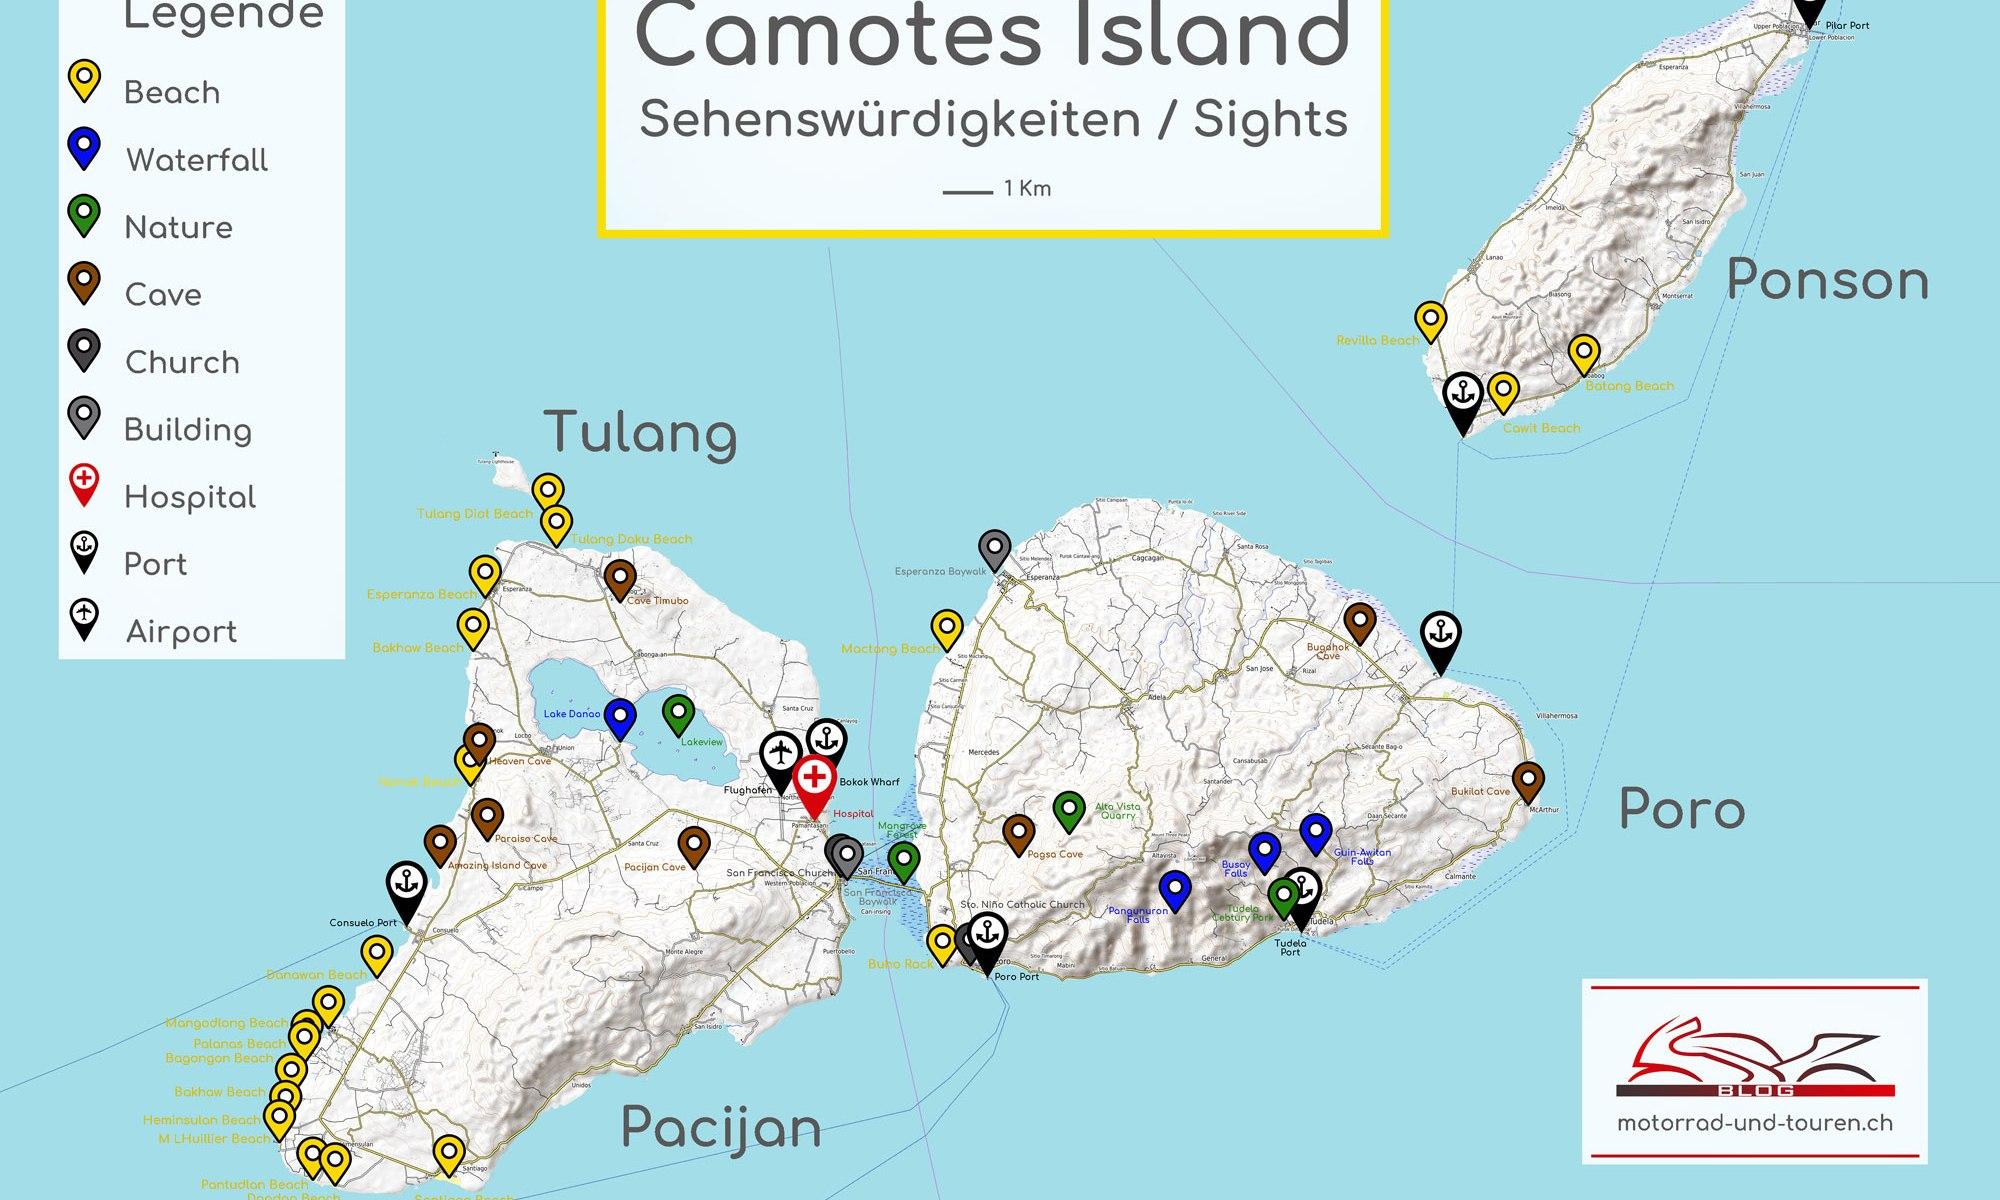 Karte der vier Camotes Inseln Pacijan, Poro, Ponson und Tulang. Alle Sehenswuerdigkeiten von Camotes sind auf der Karte mit farbigen Pfeilen markiert und mit dem Namen beschriftet. Im Textfeld steht geschrieben: Camotes Island Sehenswuerdigkeiten / Sights.